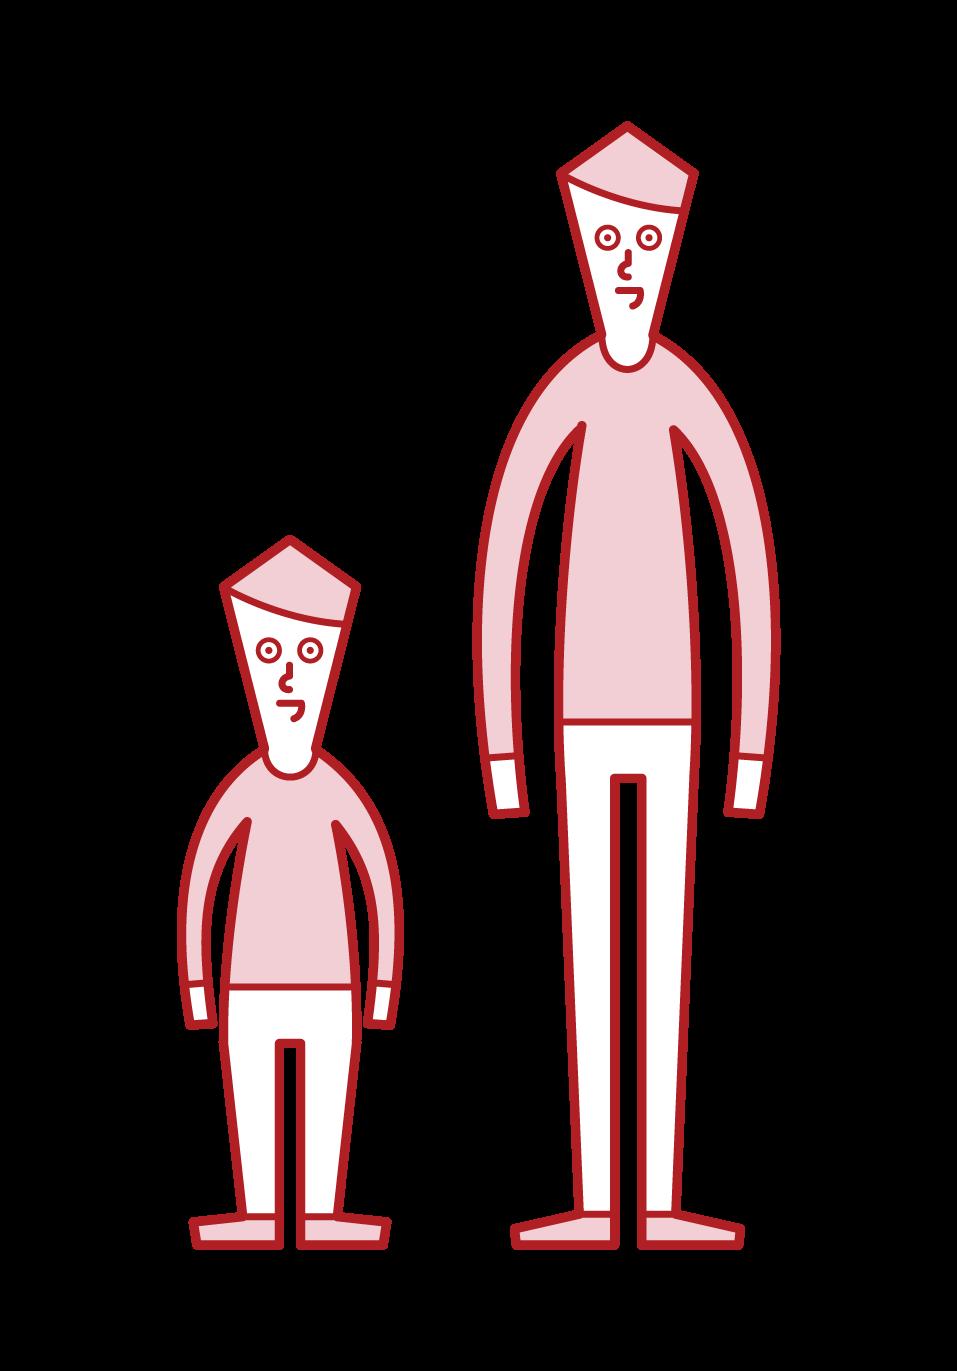 低身長症・小人症(男性)のイラスト